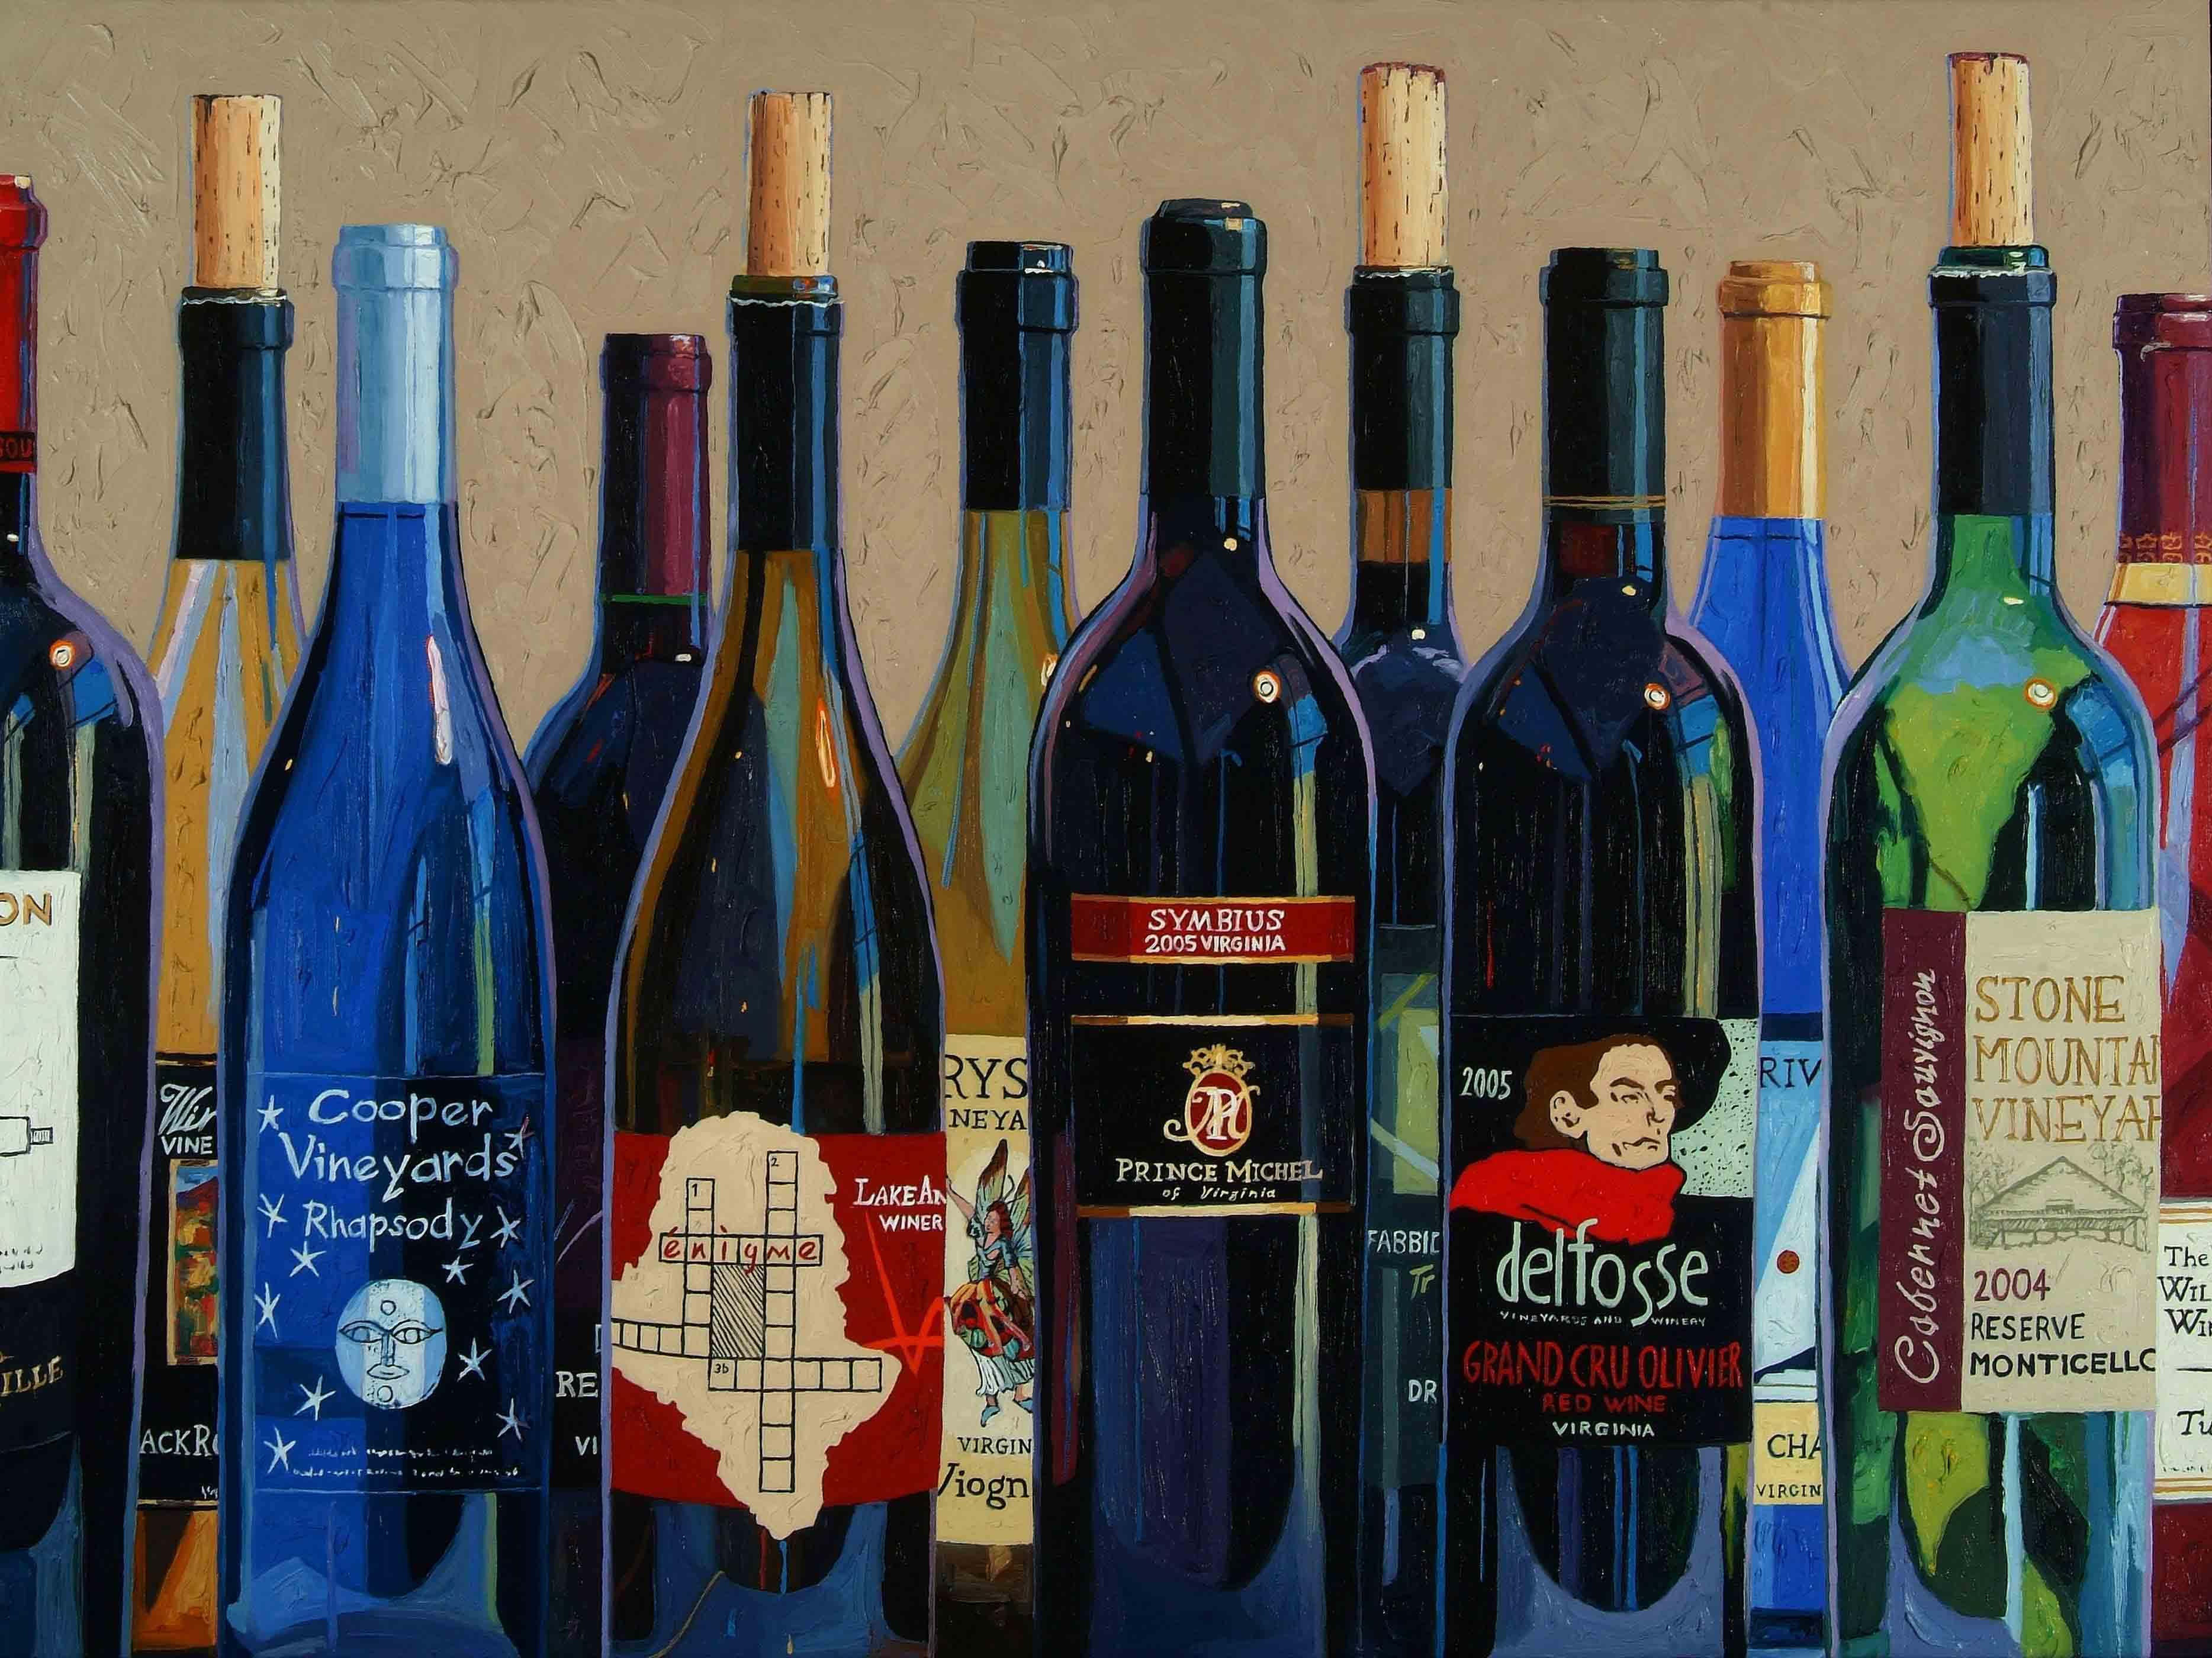 verginia wine